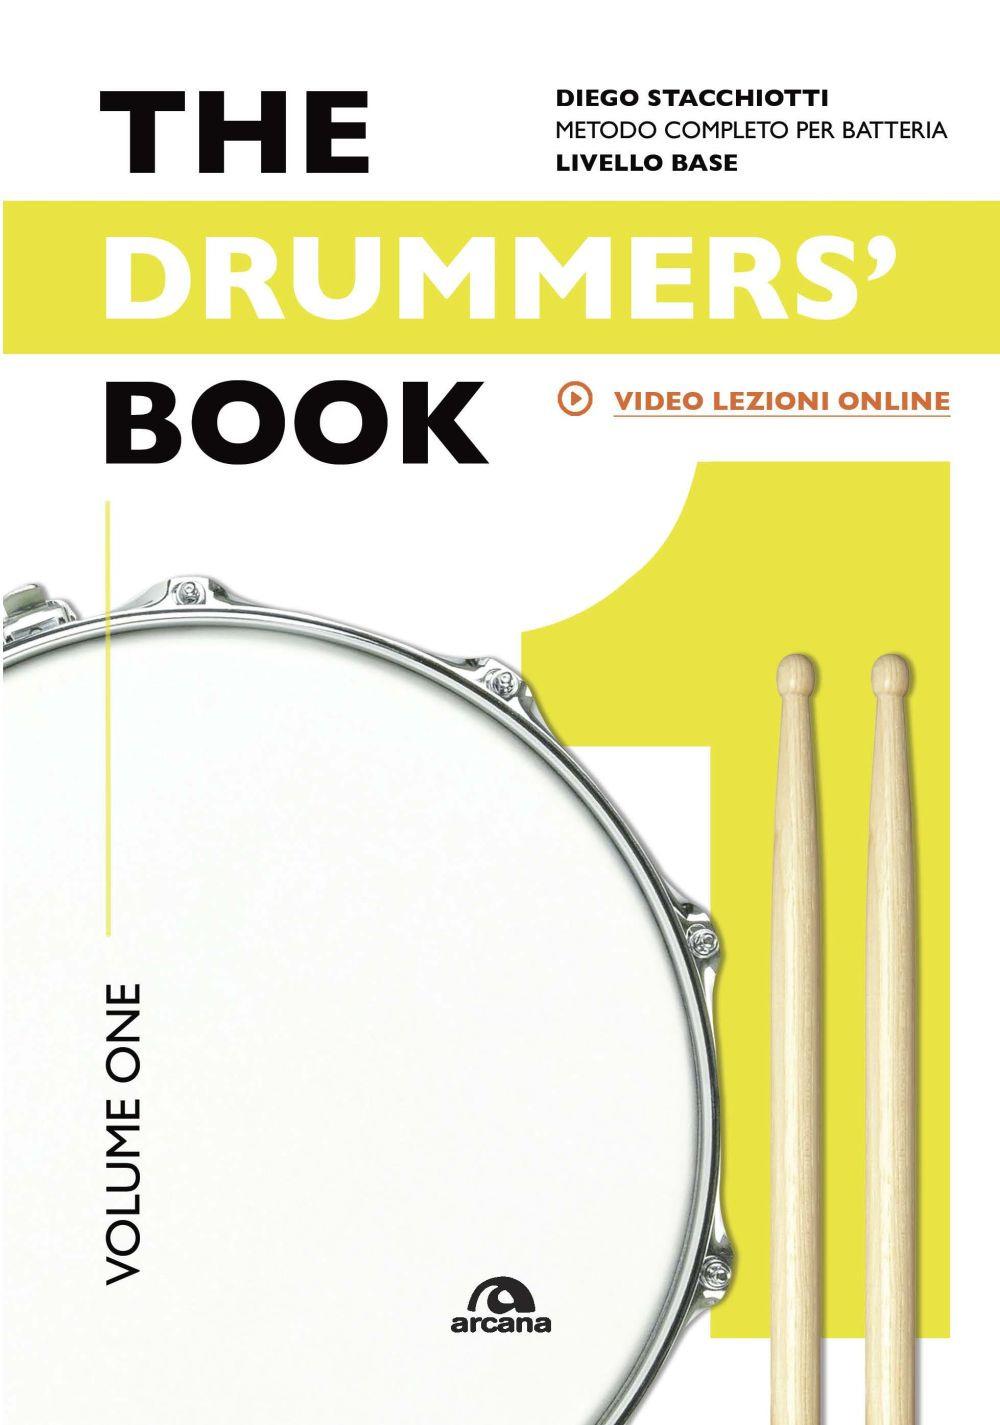 DRUMMERS'S BOOK. METODO INNOVATIVO PER BATTERIA. LIVELLO BASE - Stacchiotti Diego - 9788862318150